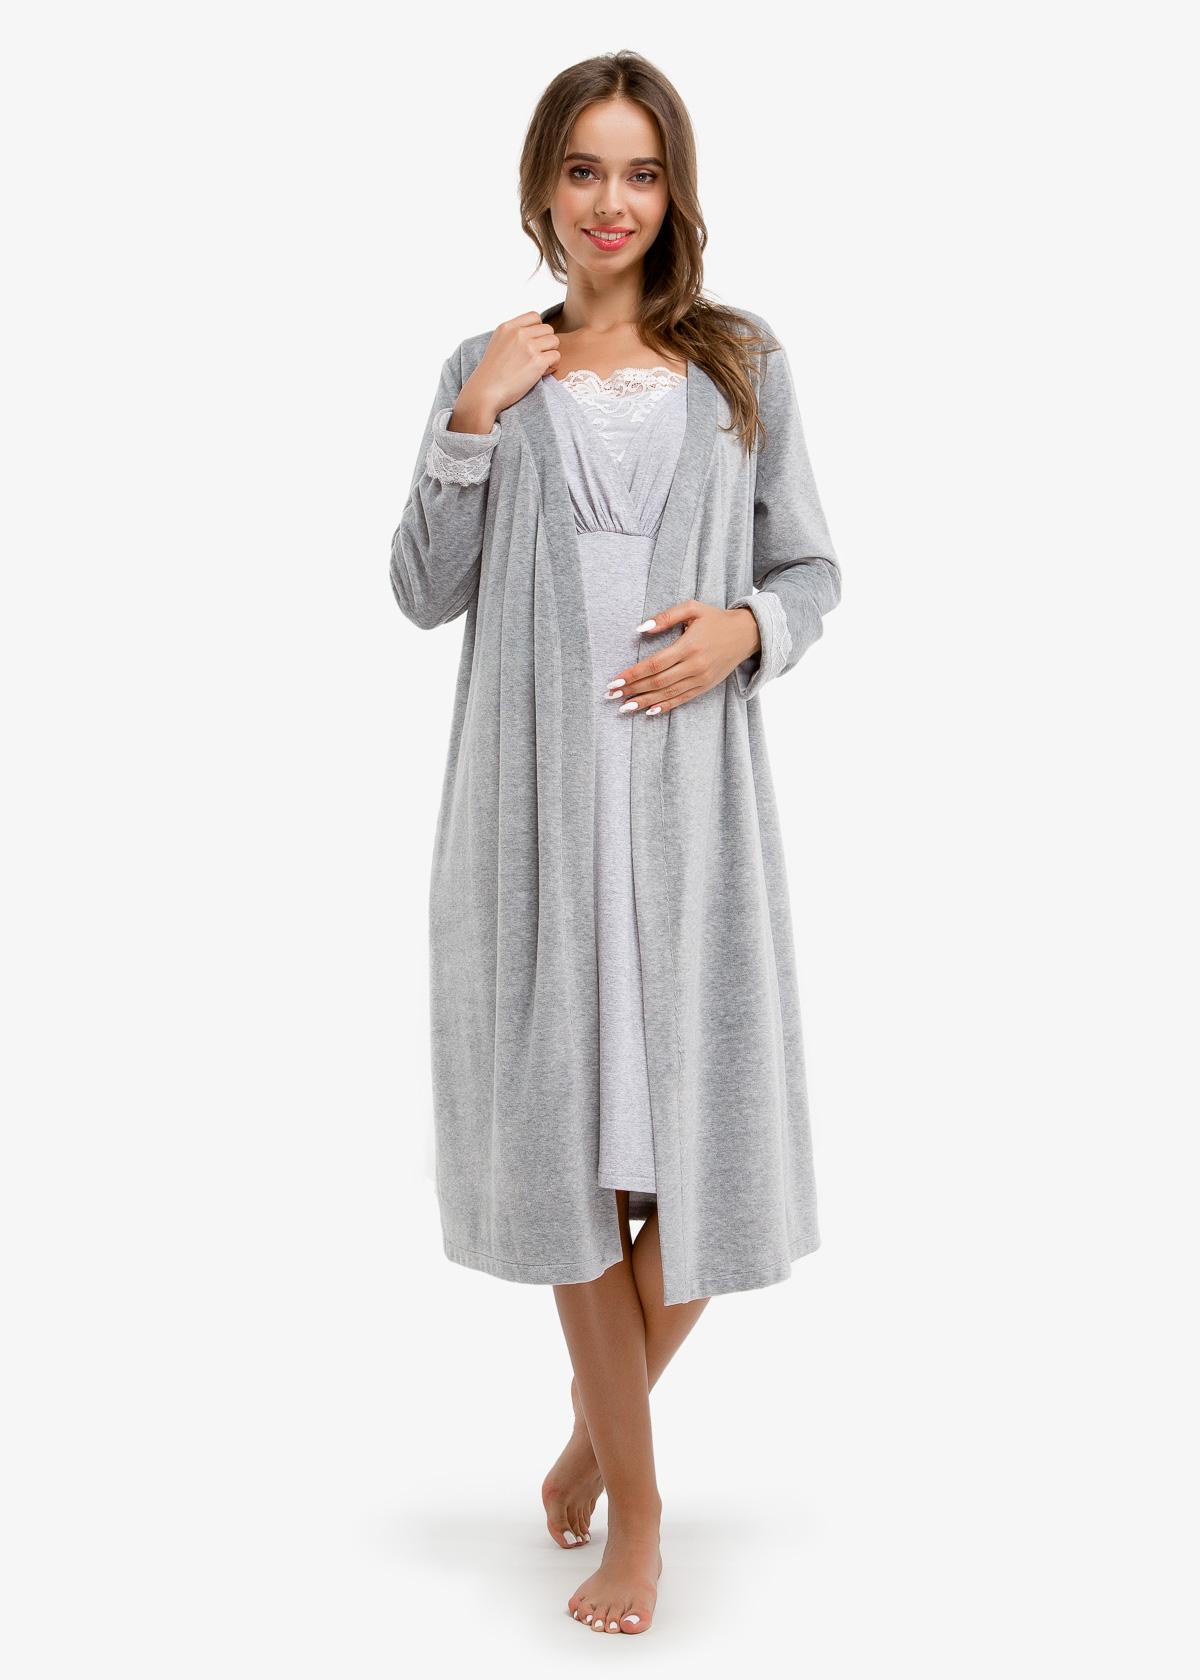 Тёплый комплект в роддом халат+ночная MELANGE CHIK (хлопок+вискоза ... 328ffe462799c